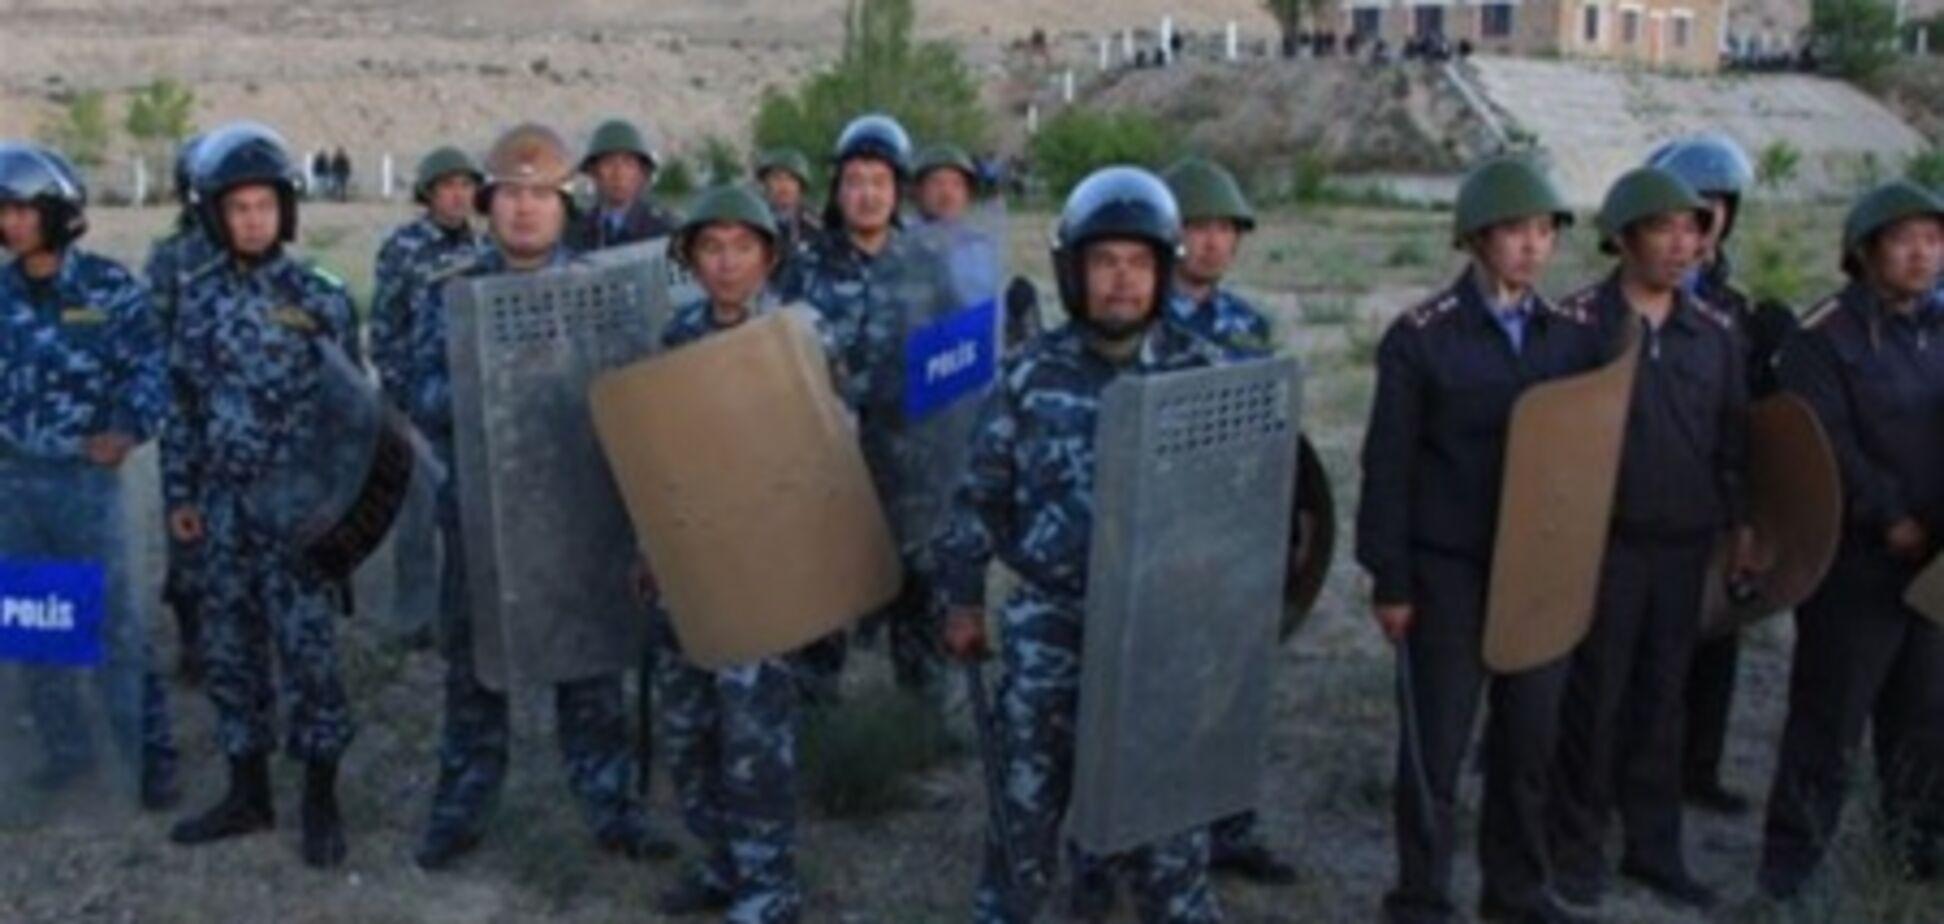 Митингующие в Кыргызстане выдвинули политические требования